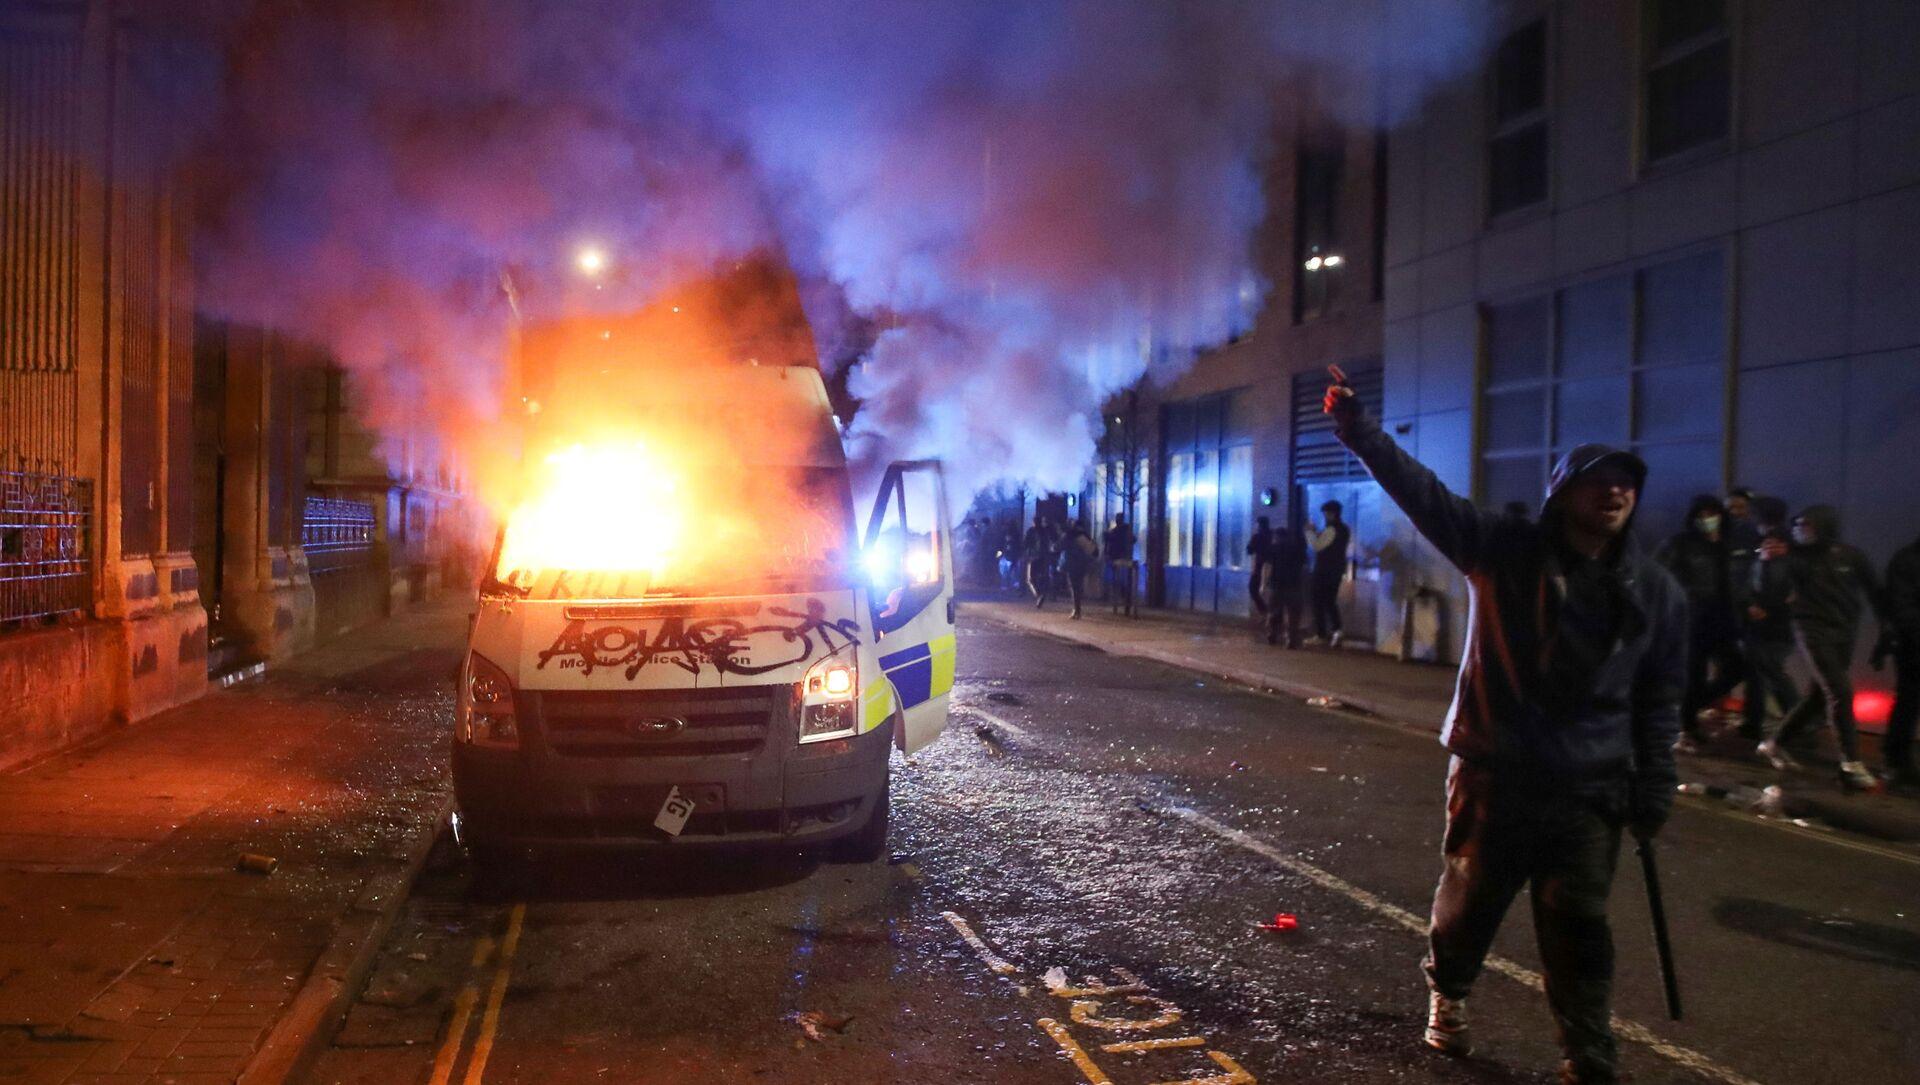 Protesty proti nově navrhovanému policejnímu zákonu v Bristolu v Británii 21. března 2021. - Sputnik Česká republika, 1920, 22.03.2021